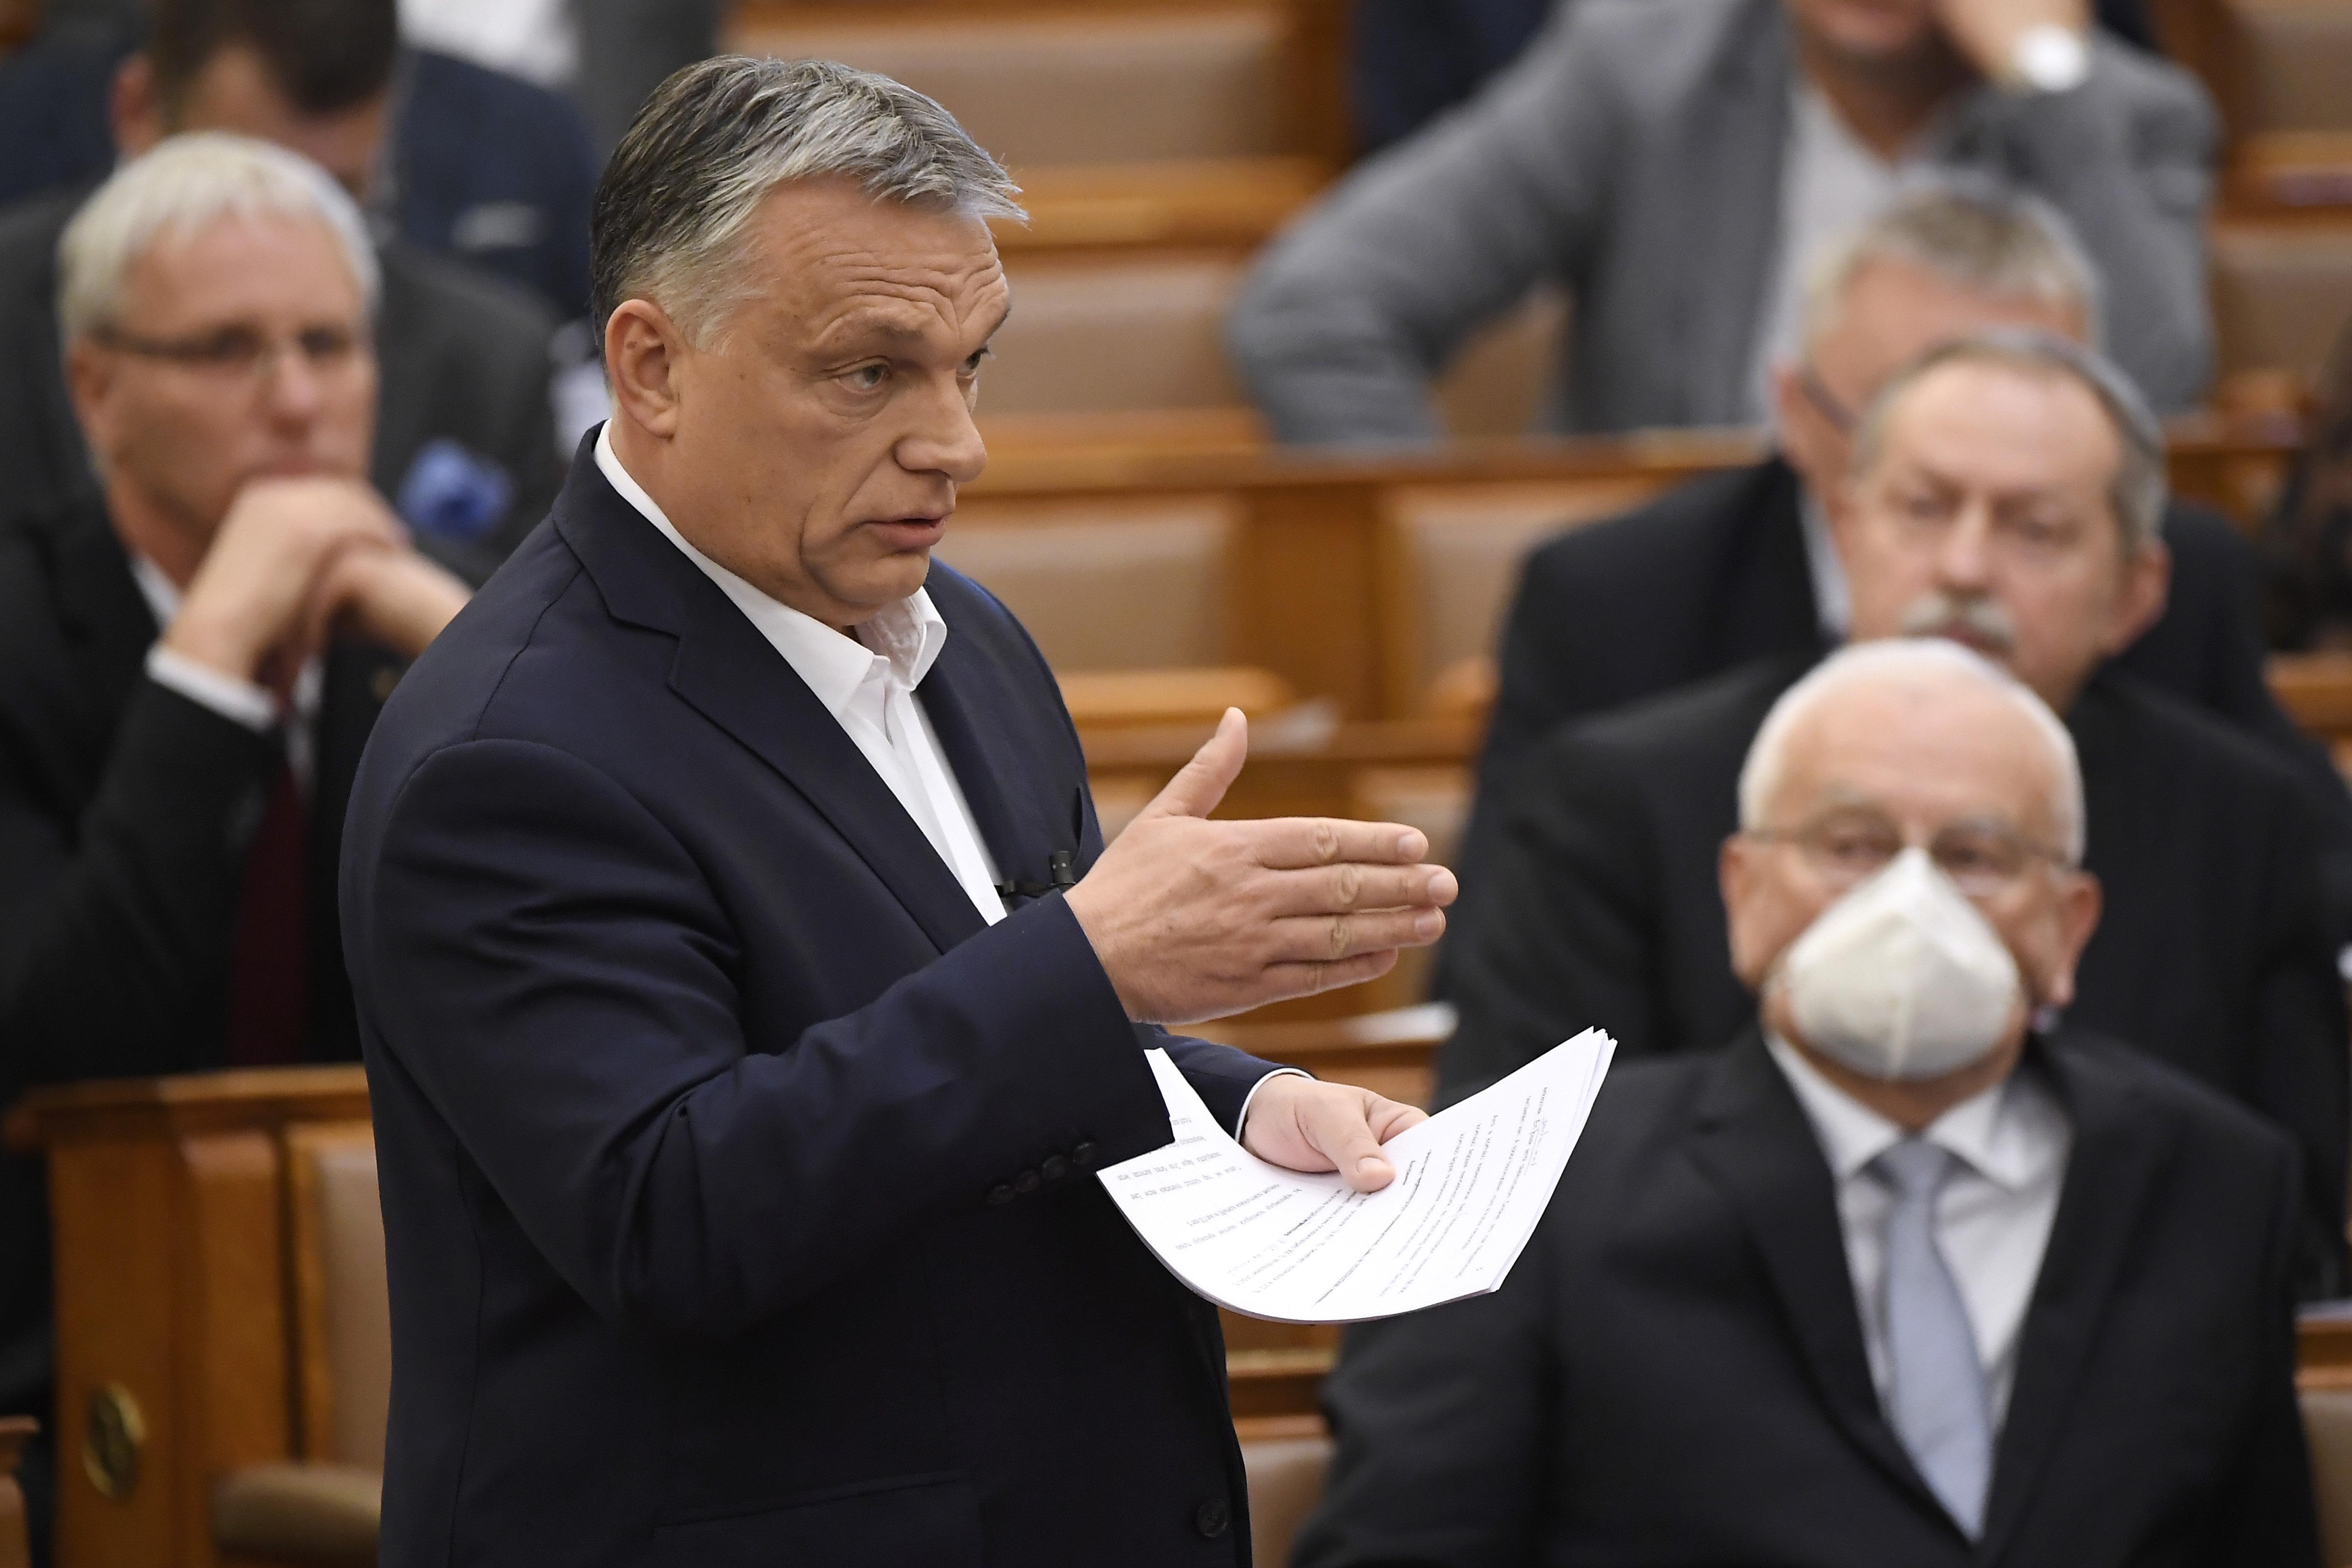 Orbán: Ungarische Presse ist viel freier und vielfältiger als die deutsche Presse